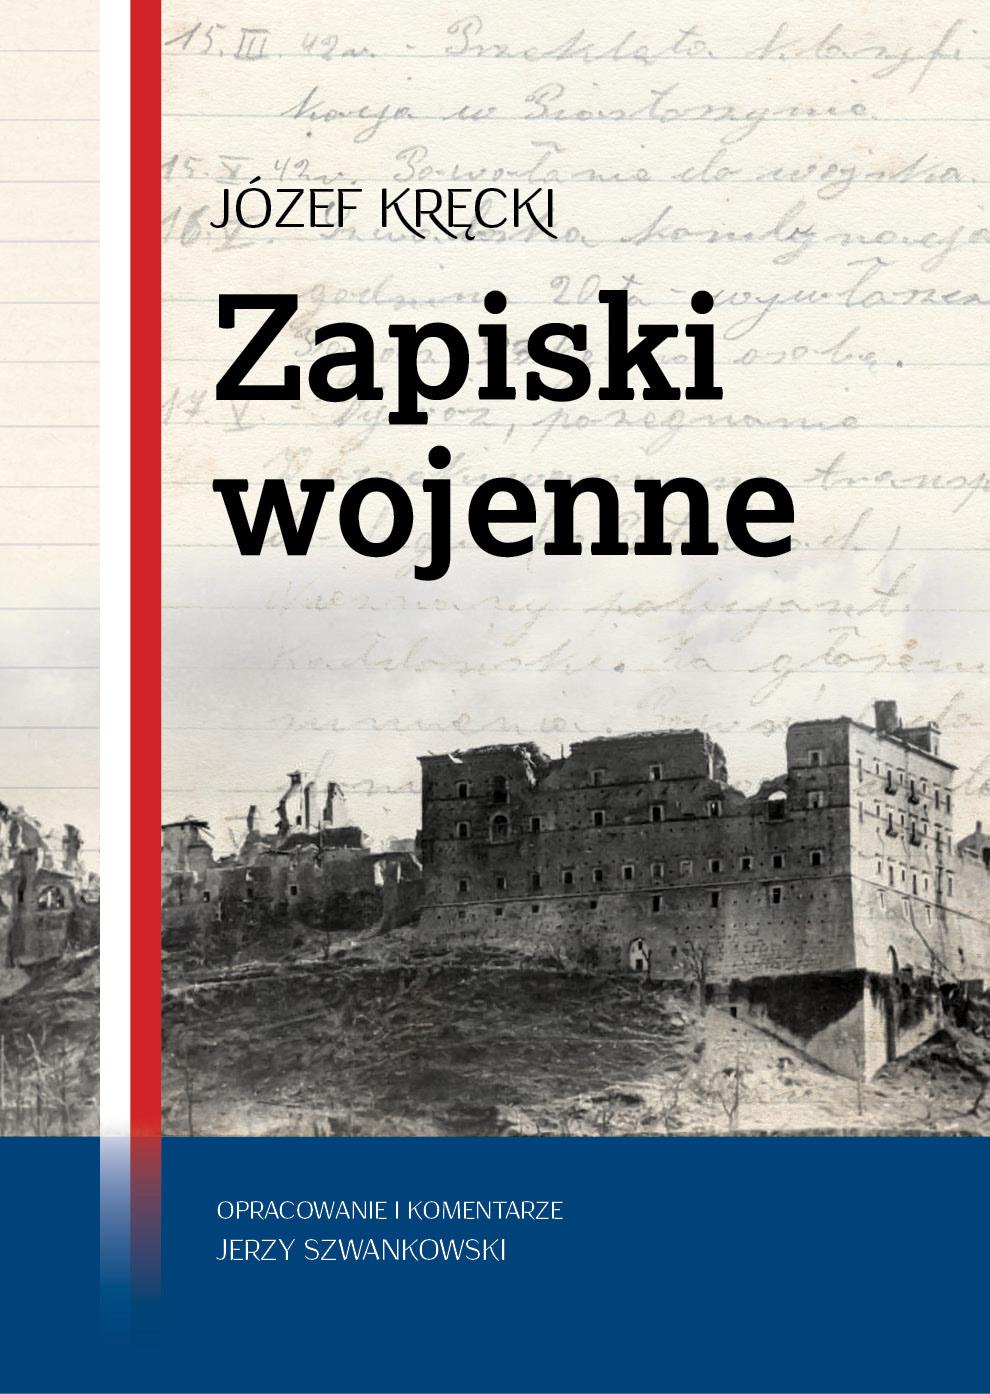 Józef Kręcki Zapiski Wojenne